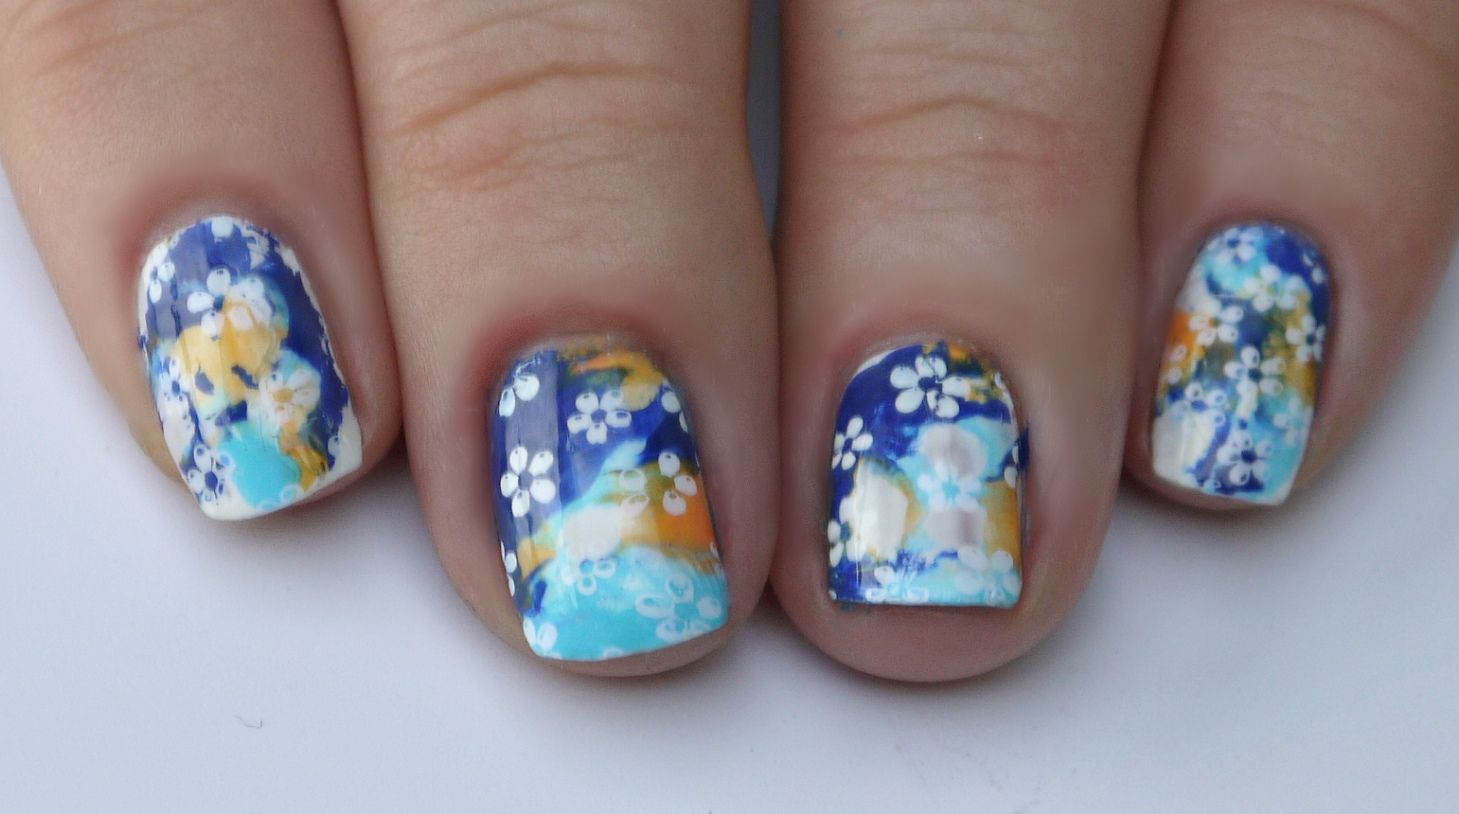 nail art by Fairy Nail Story | Beauty Nails Community Board ...